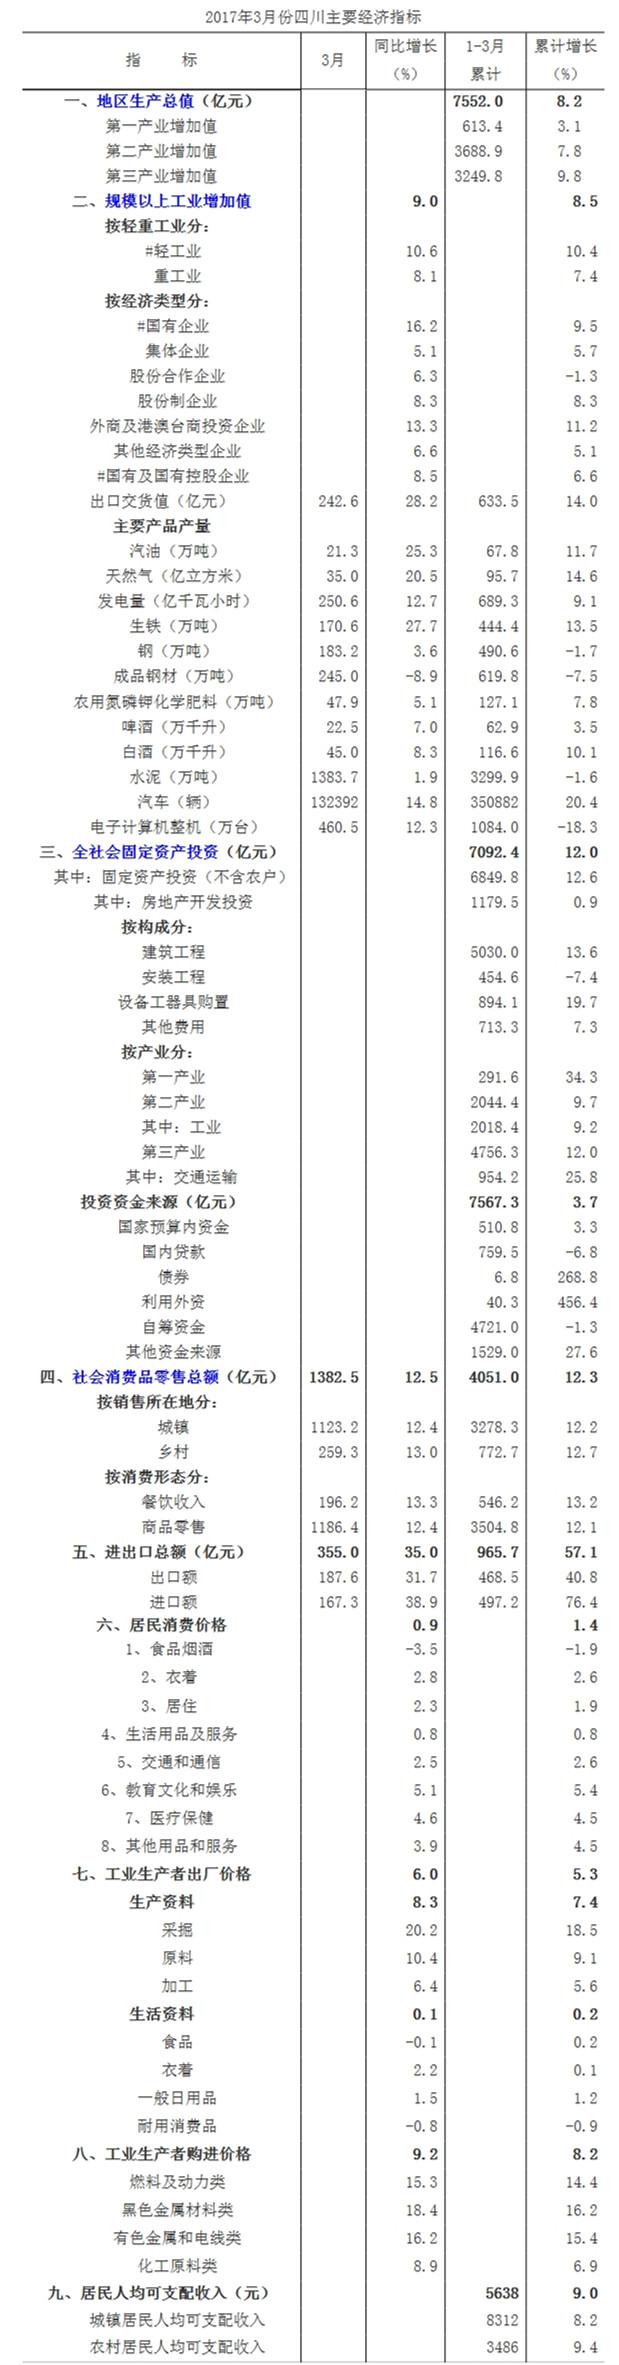 2013一季度四川gdp_一季度经济延续回暖态势GDP同比预增7%左右